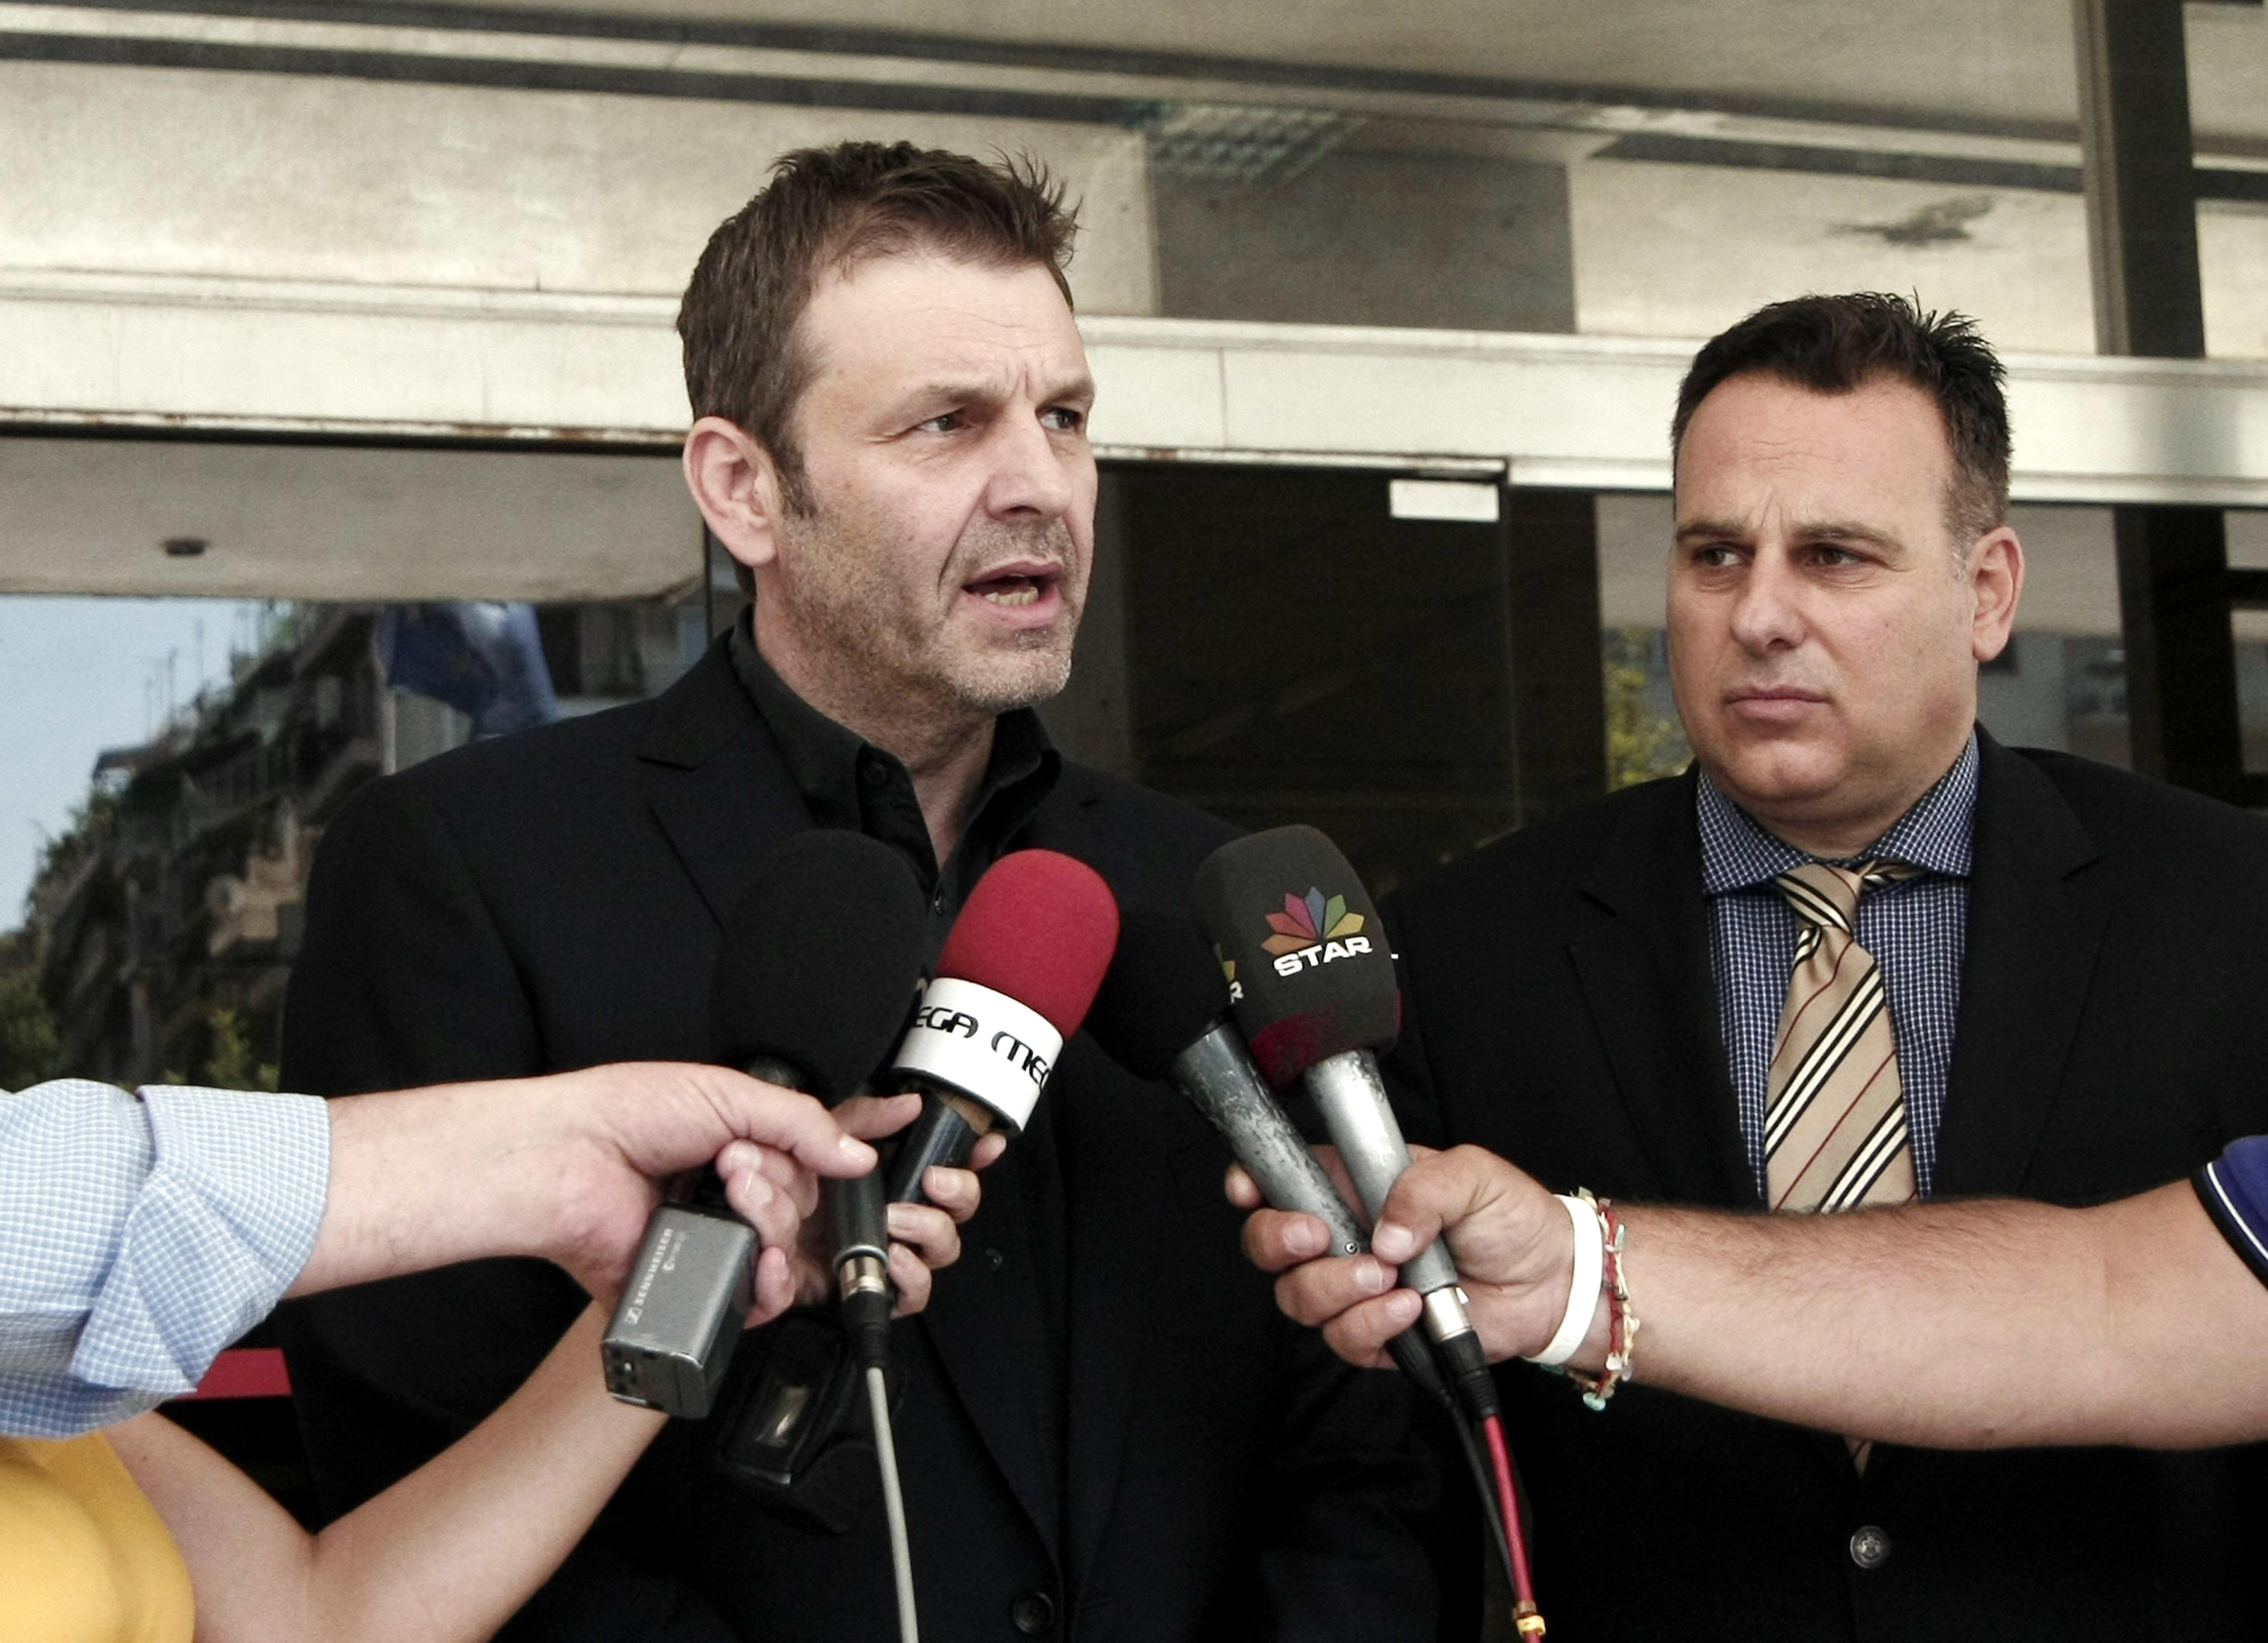 Παραιτήθηκε ο Απόστολος Γκλέτσος από Δήμαρχος Στυλίδας «λόγω της Συμφωνίας των